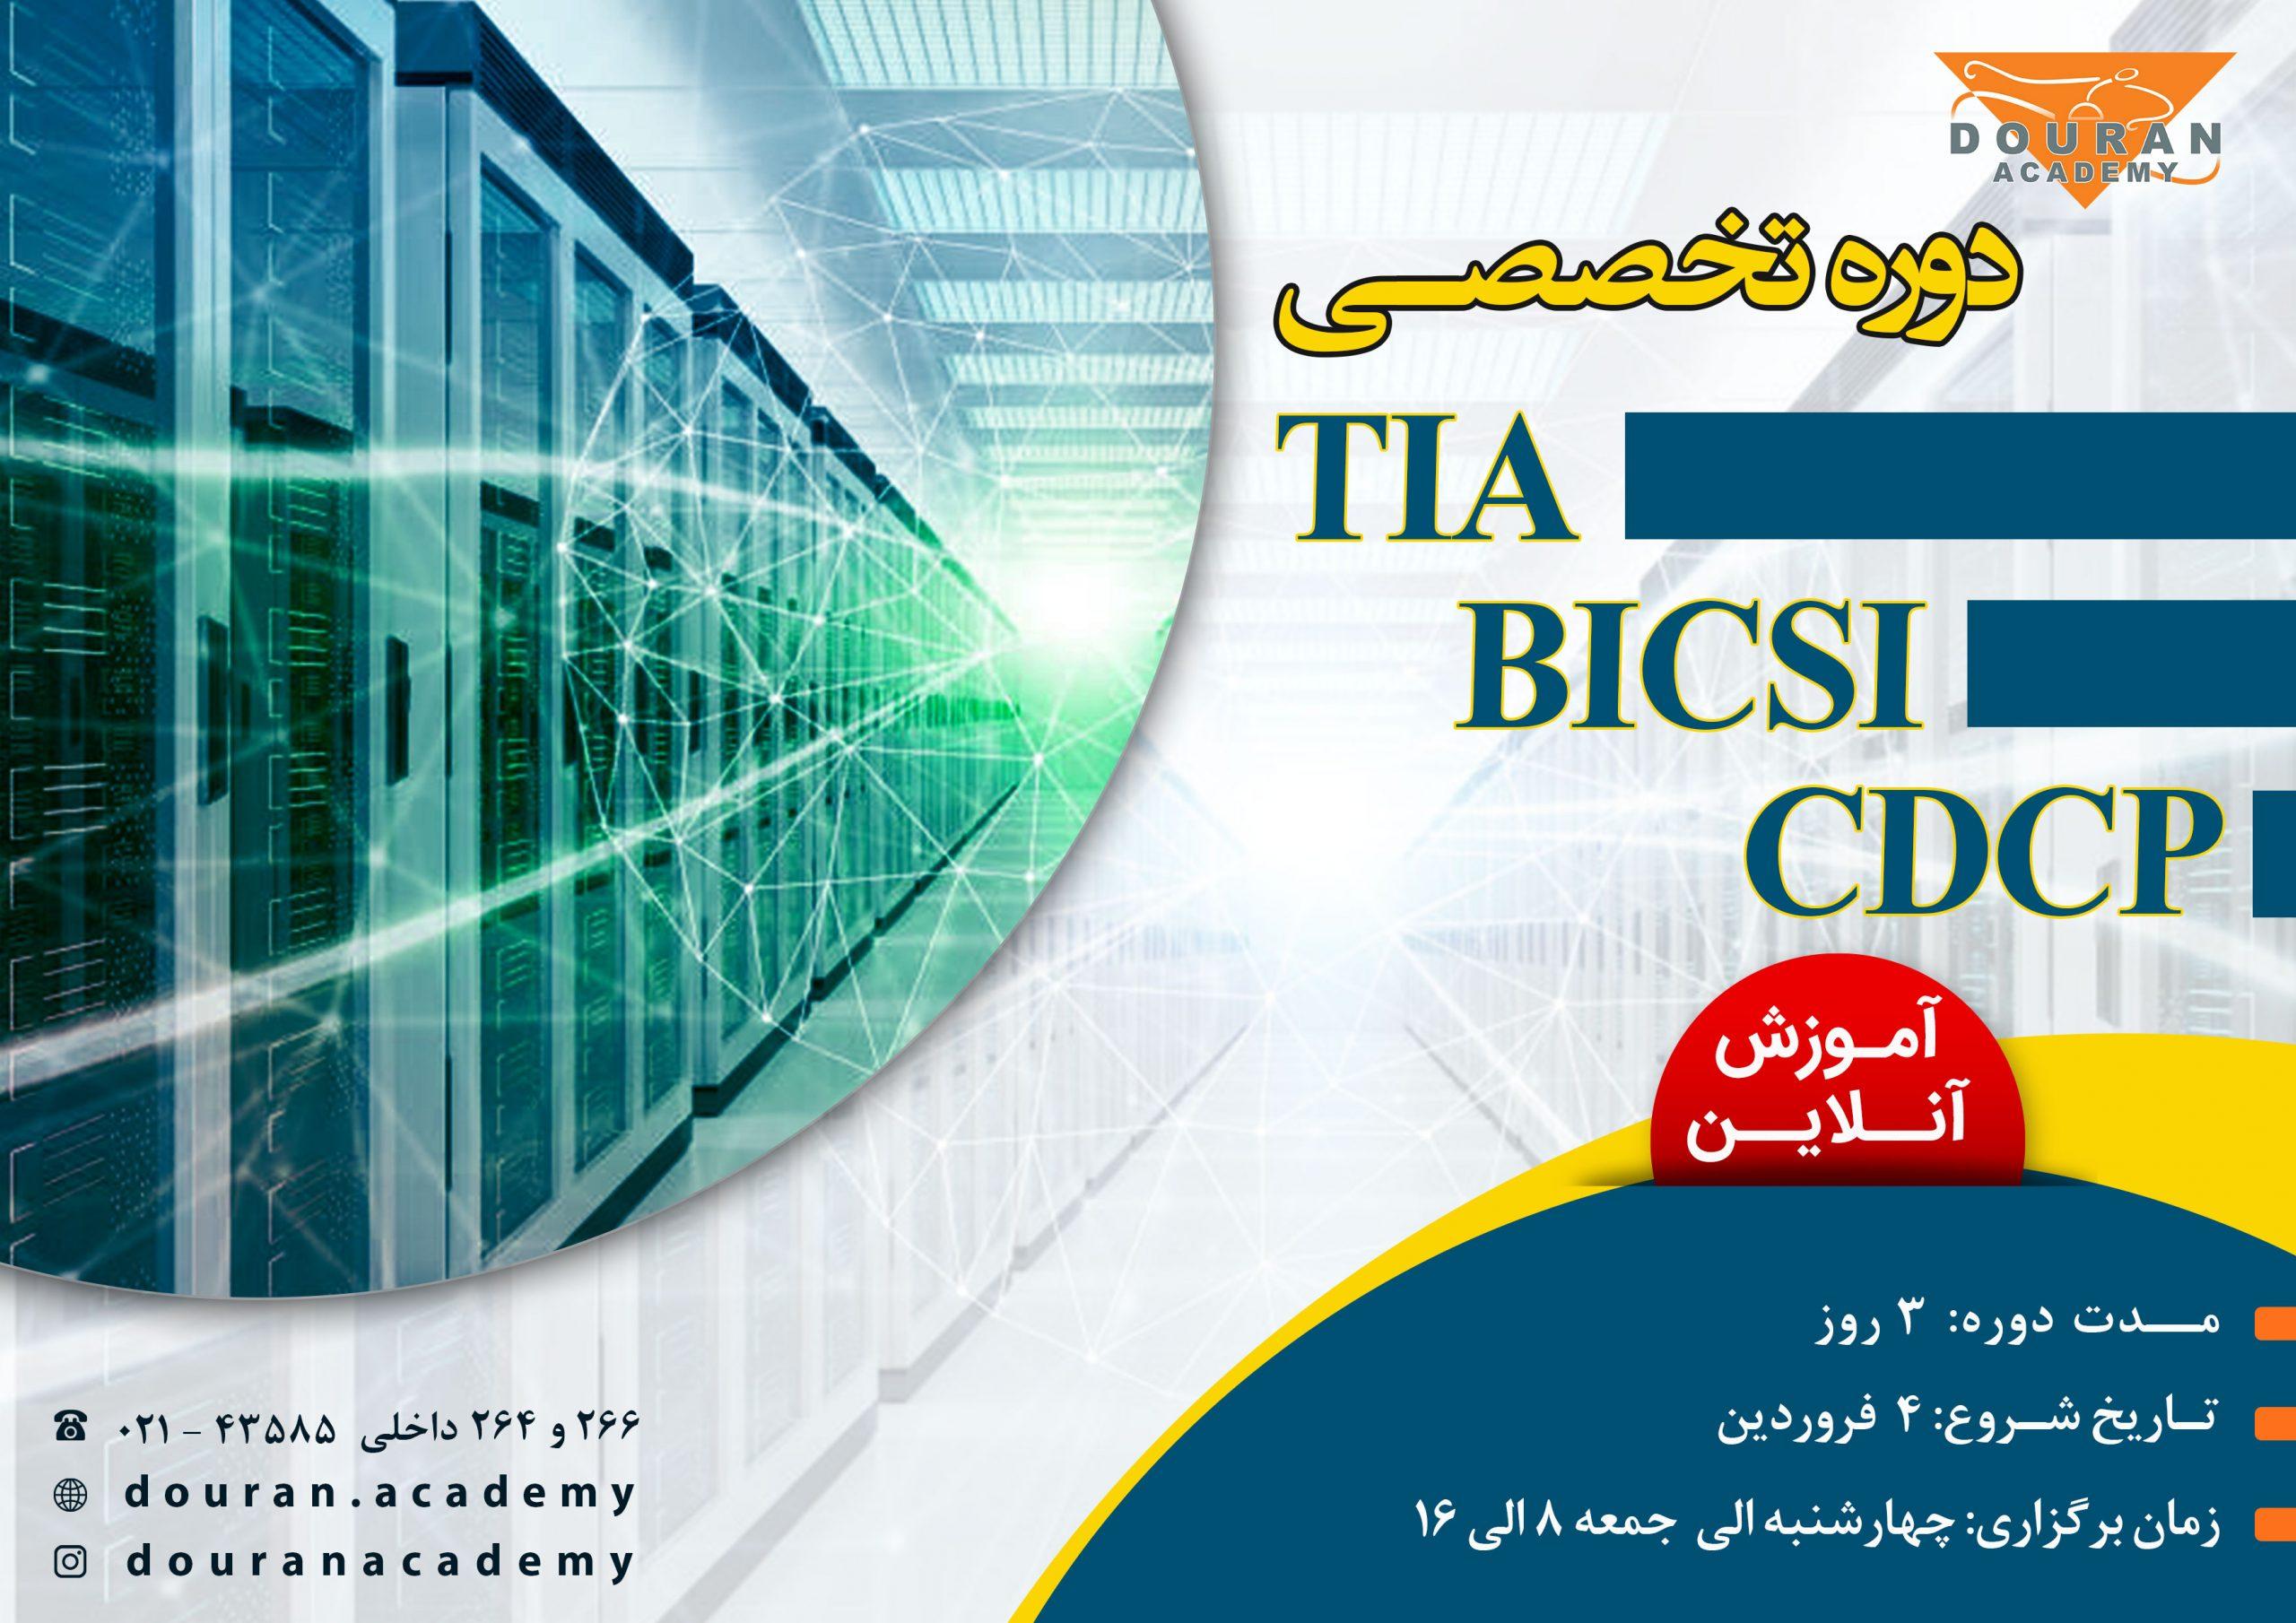 دوره آموزشی TIA,Bicsi,CDCP-3